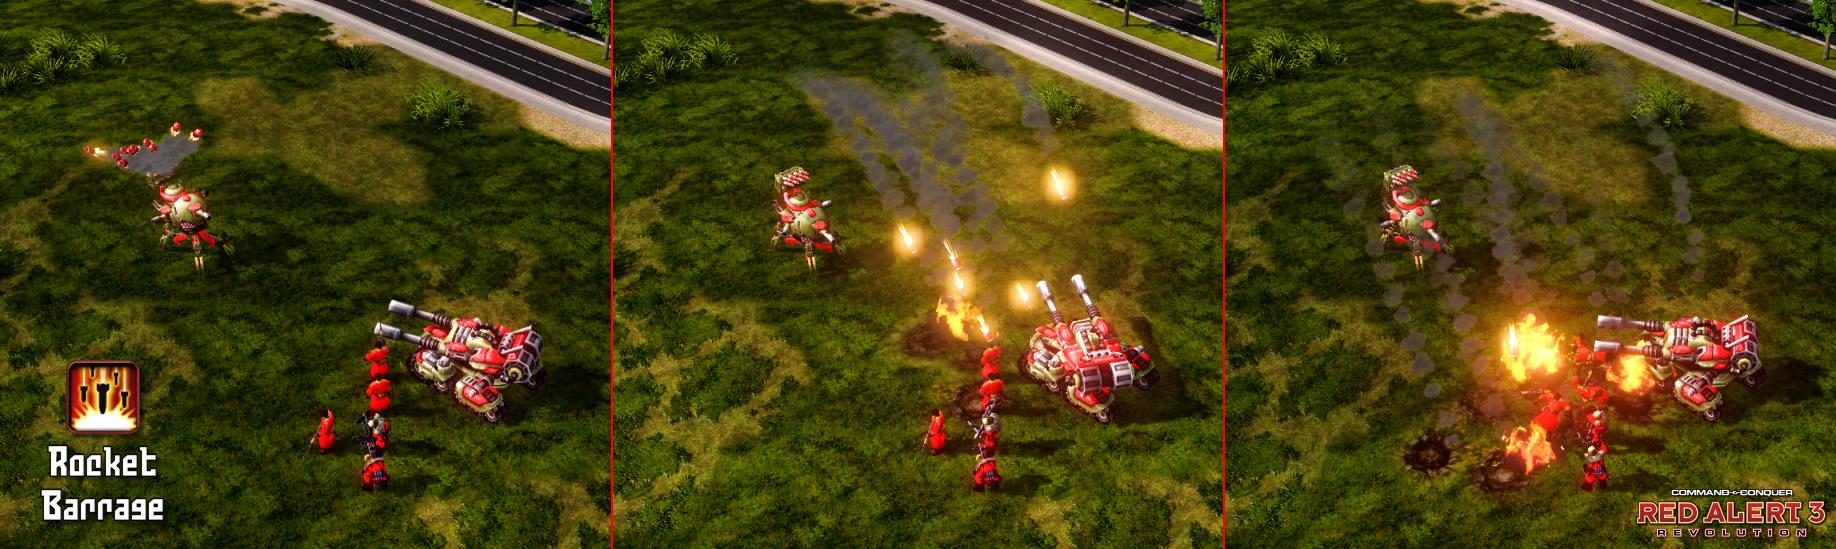 Reaper Rocket Barrage